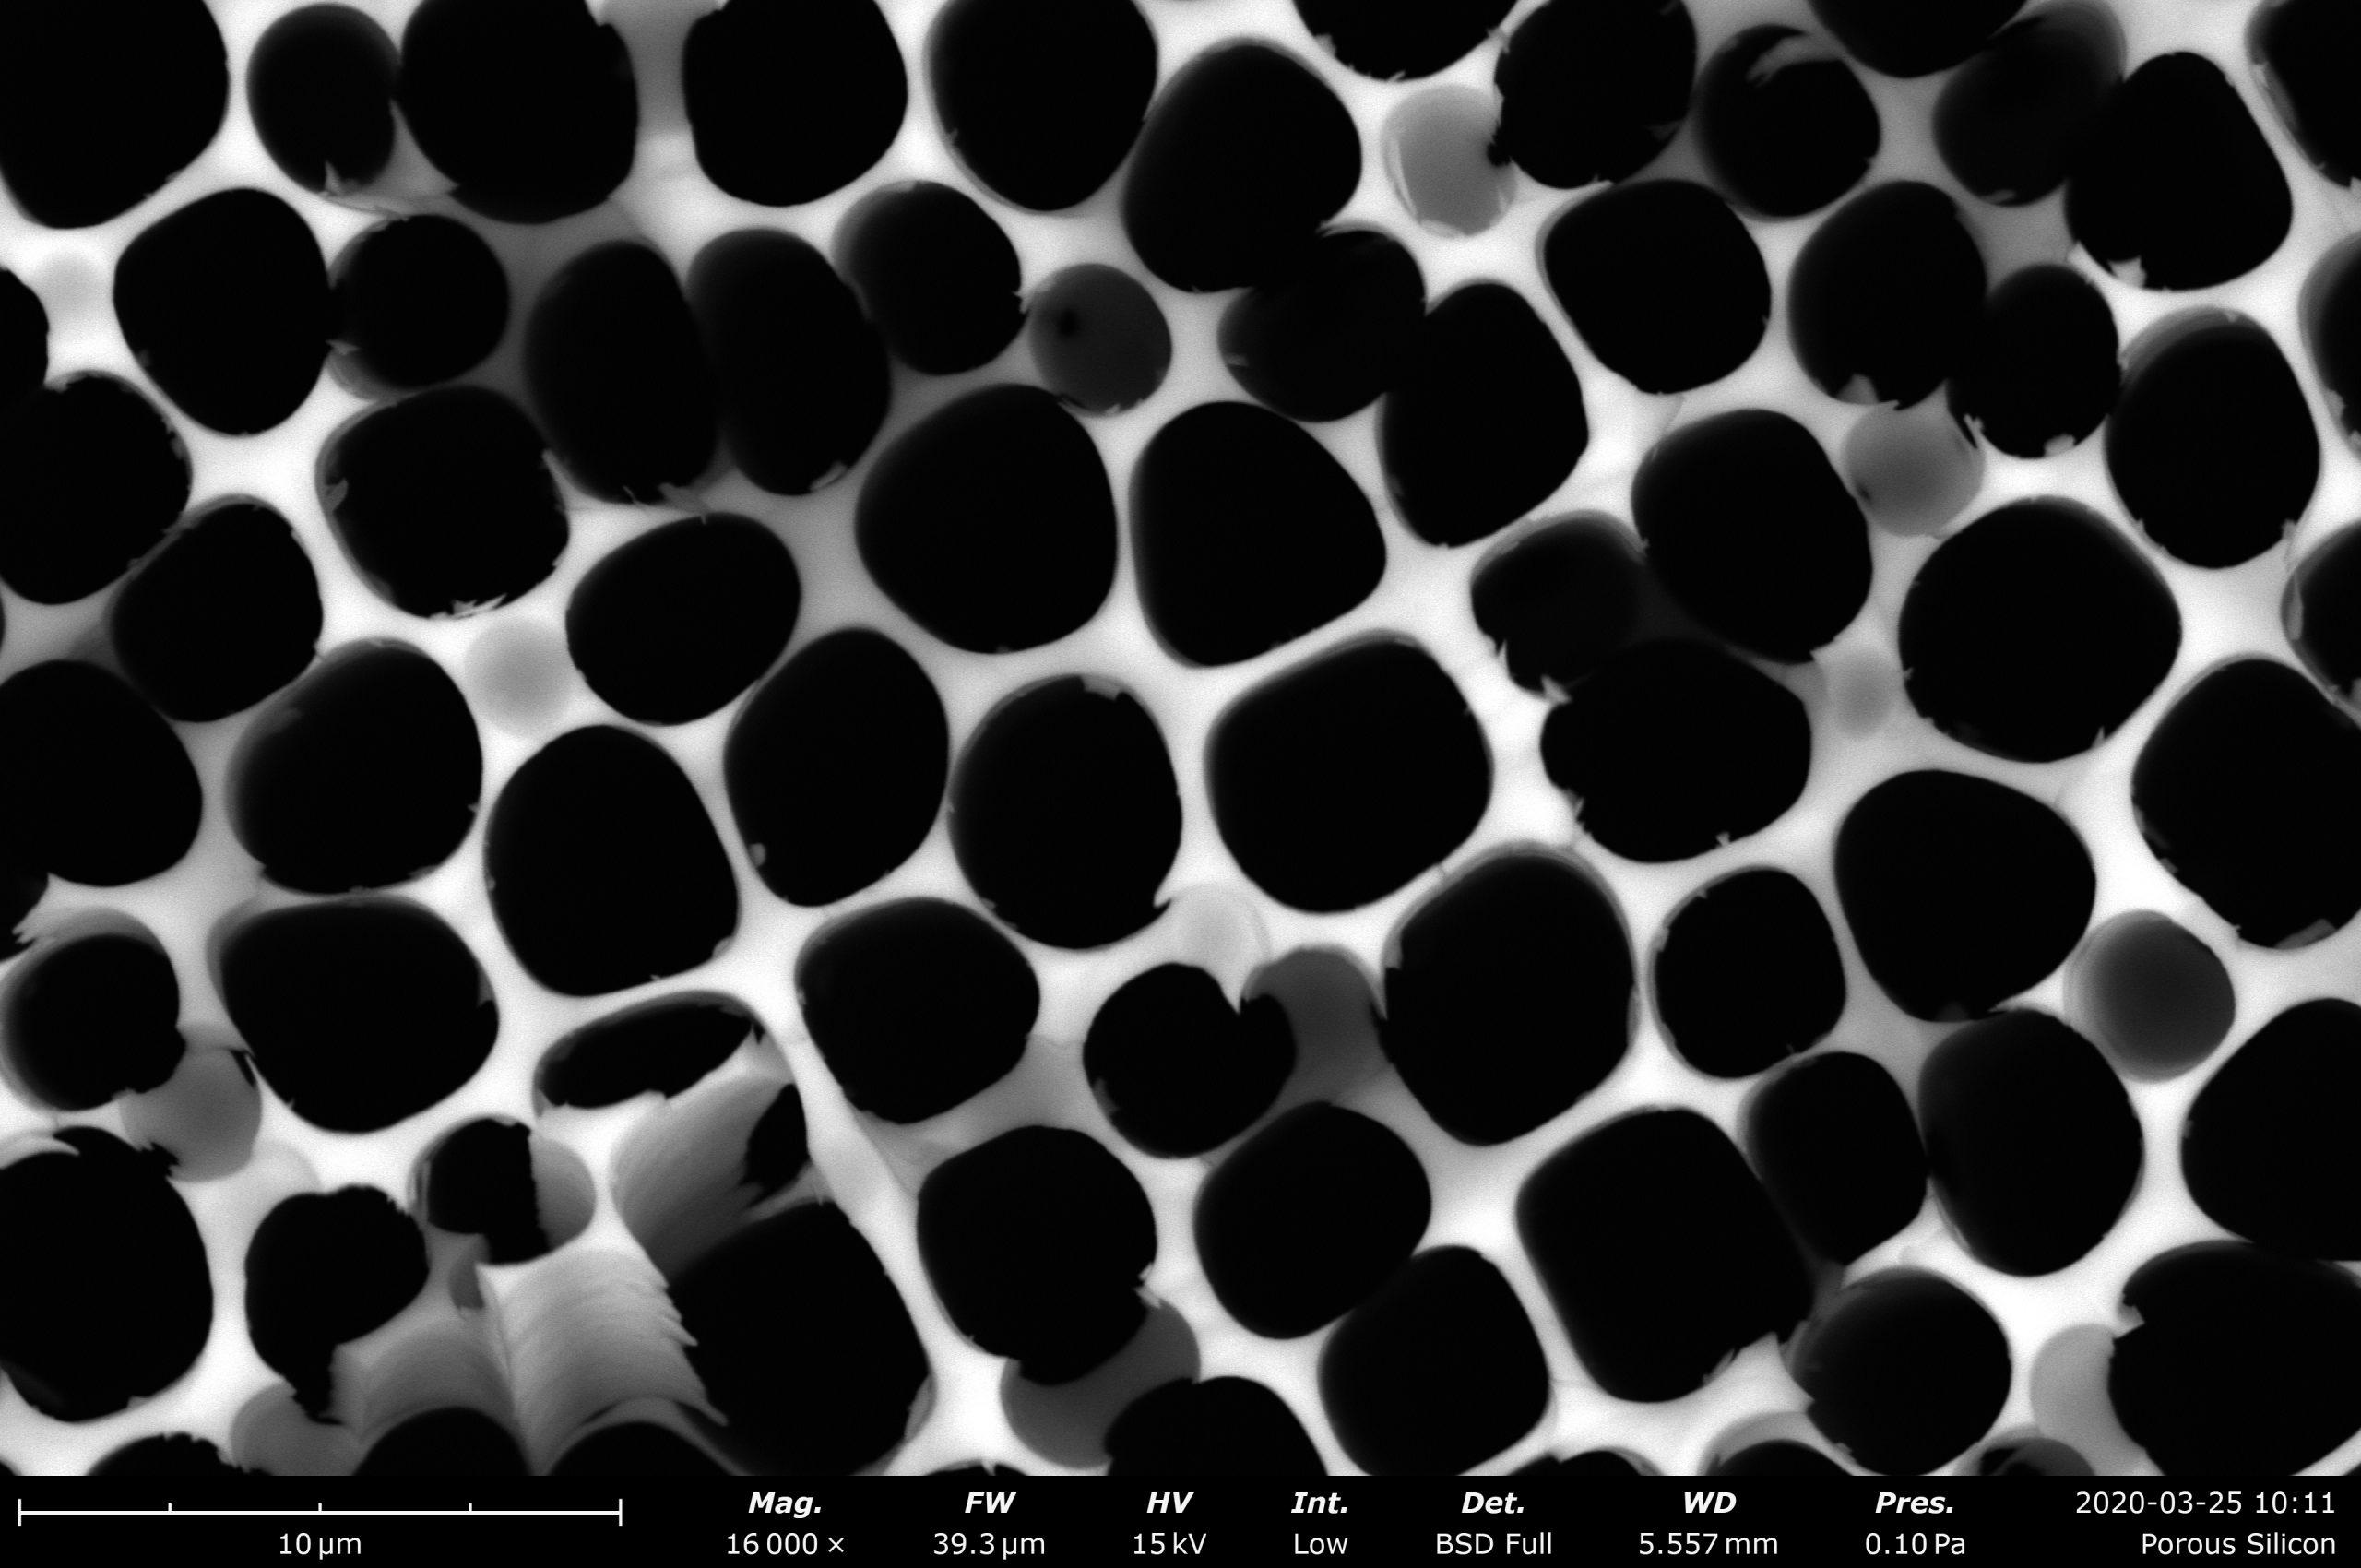 Porous silicon imaged on the Phenom Desktop SEM